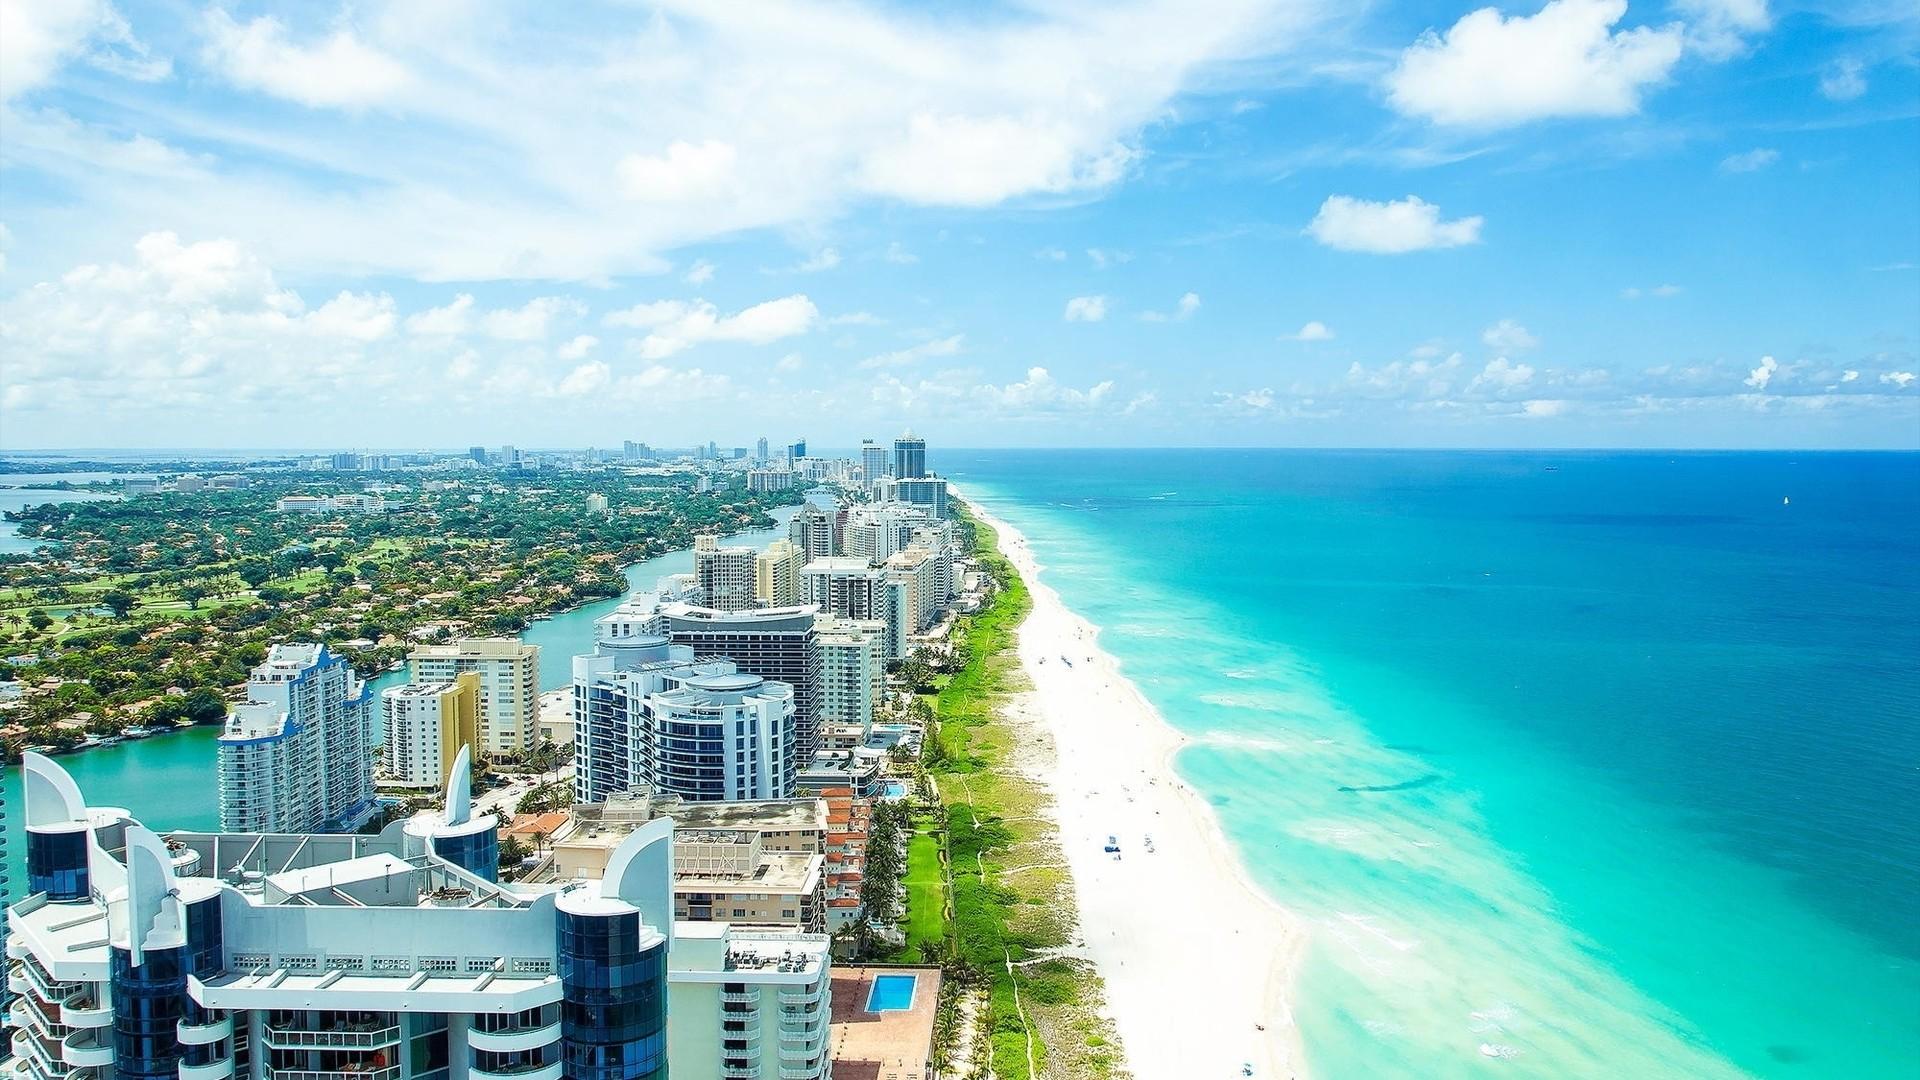 Miami beach wallpaper